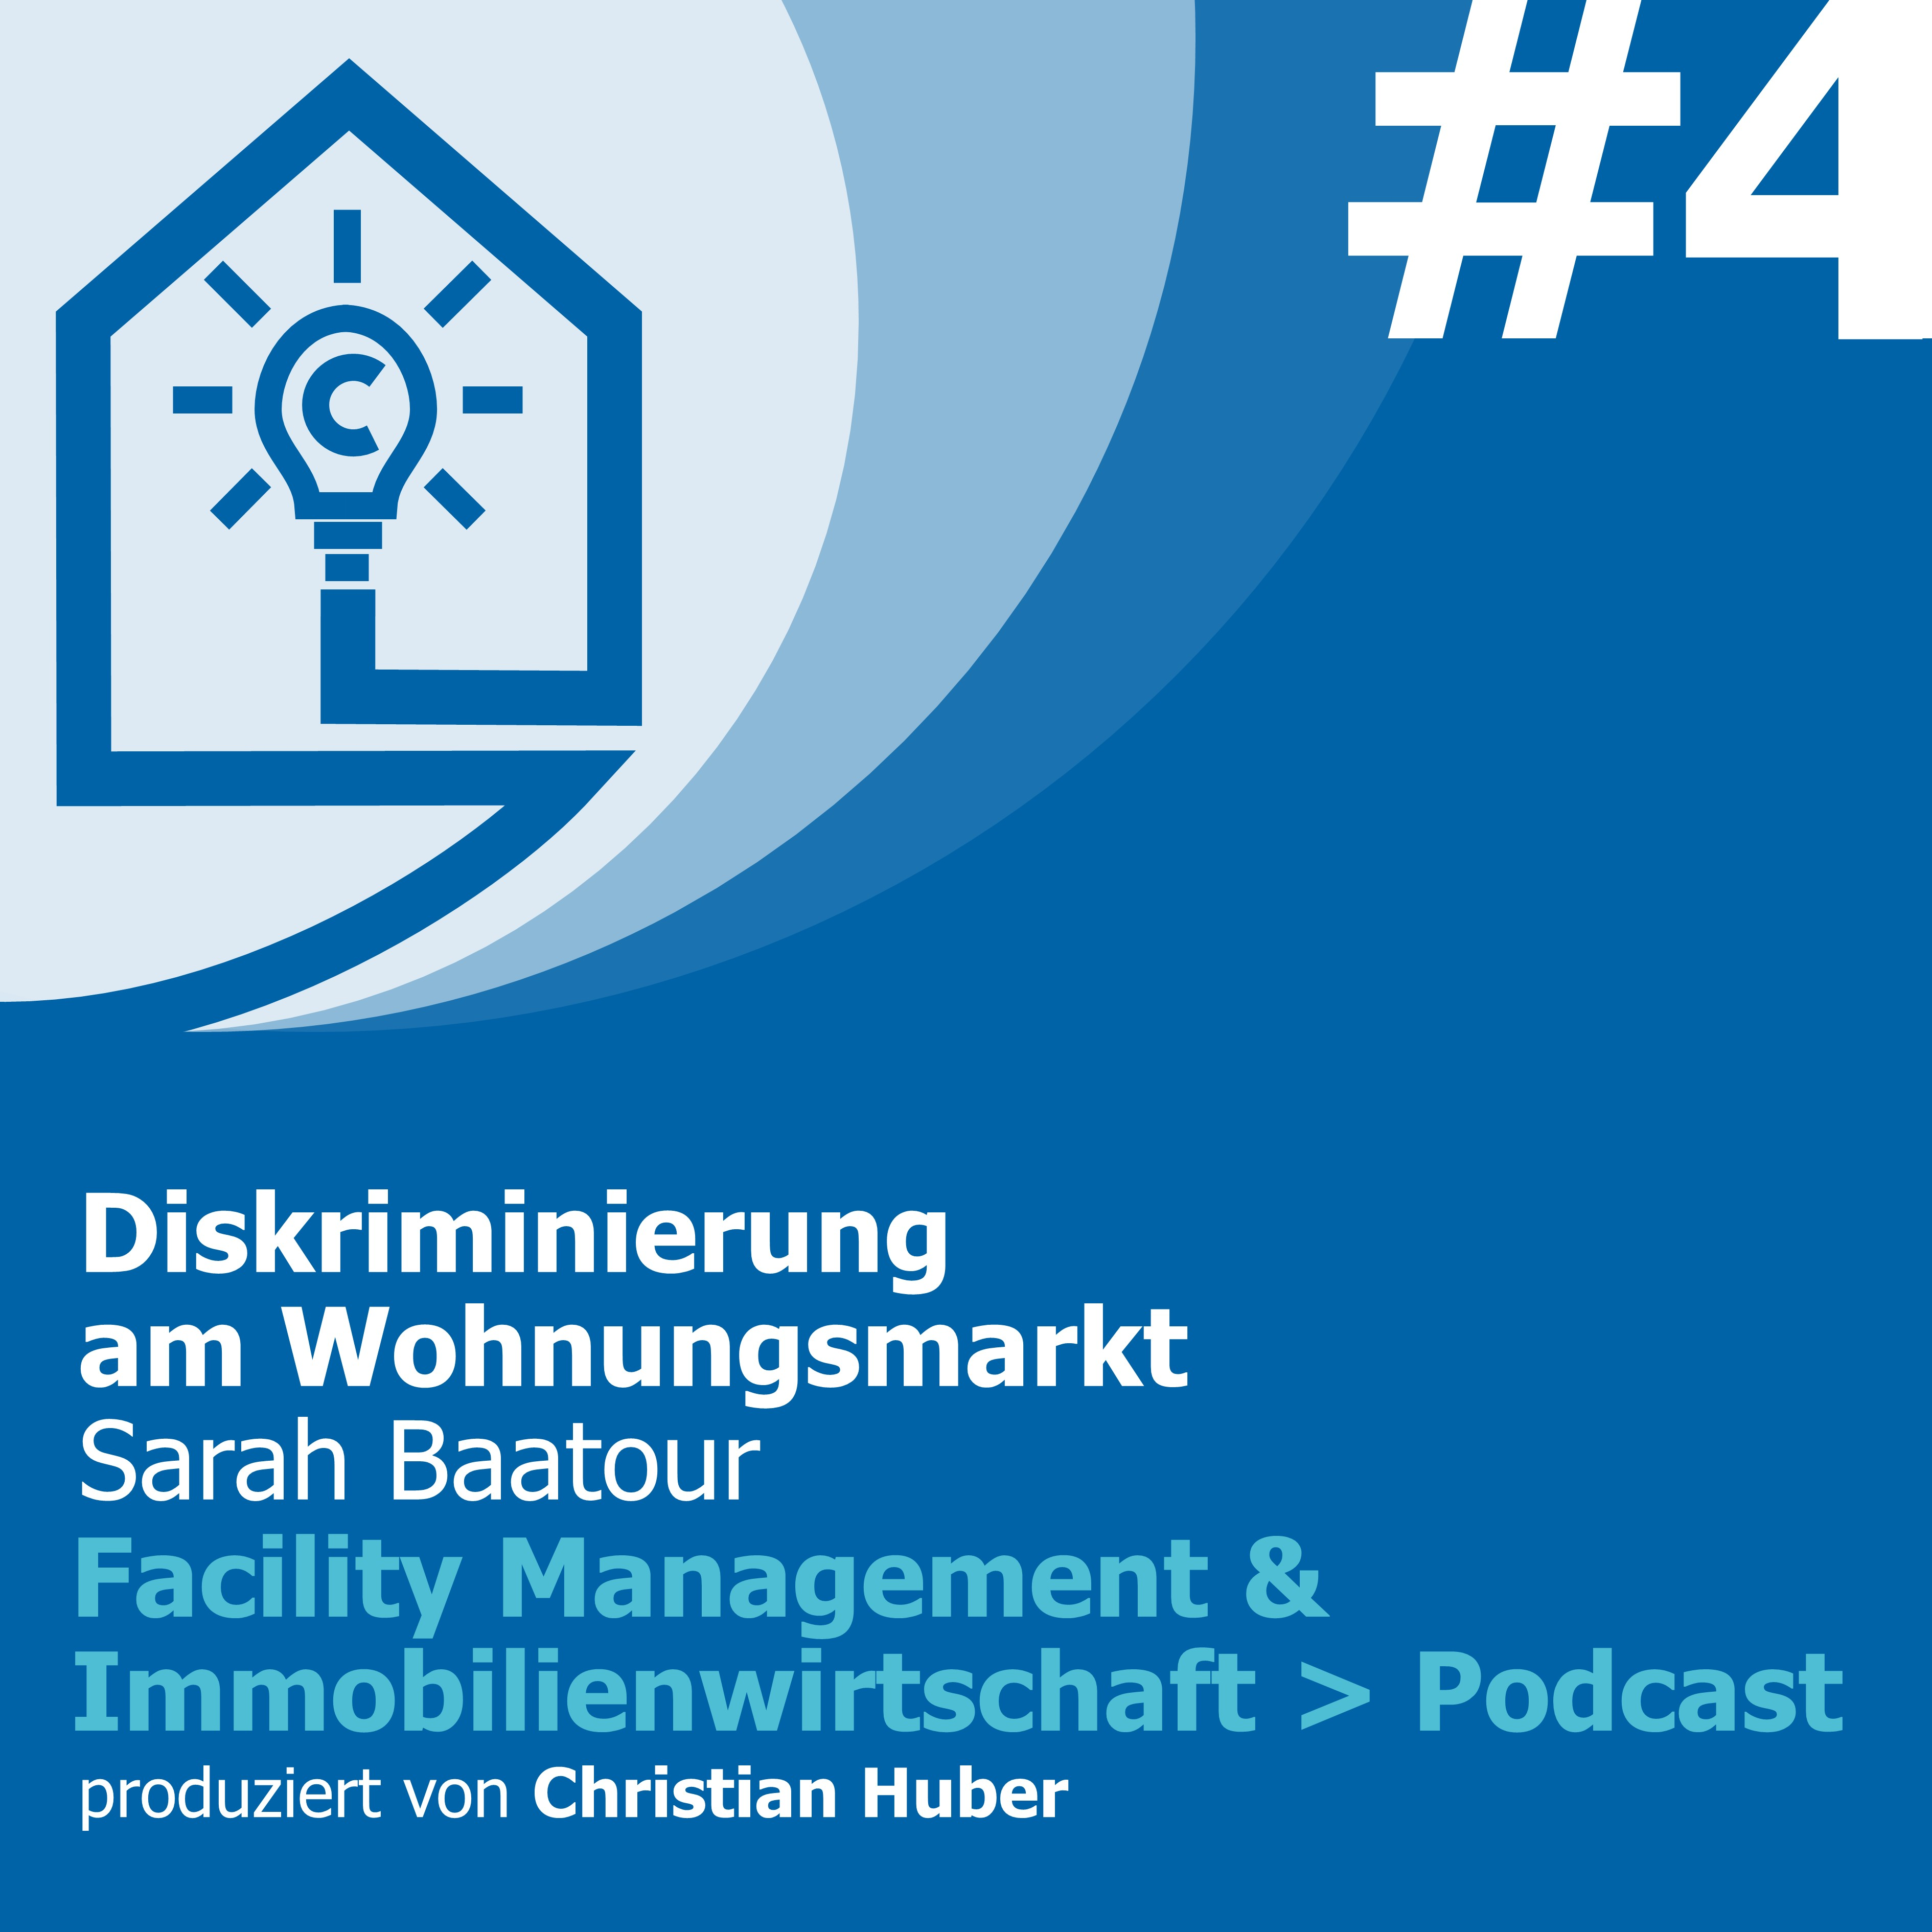 Episode 4 - Diskriminierung am Wohnungsmarkt. Christian Huber im Gespräch mit Sarah Baatour